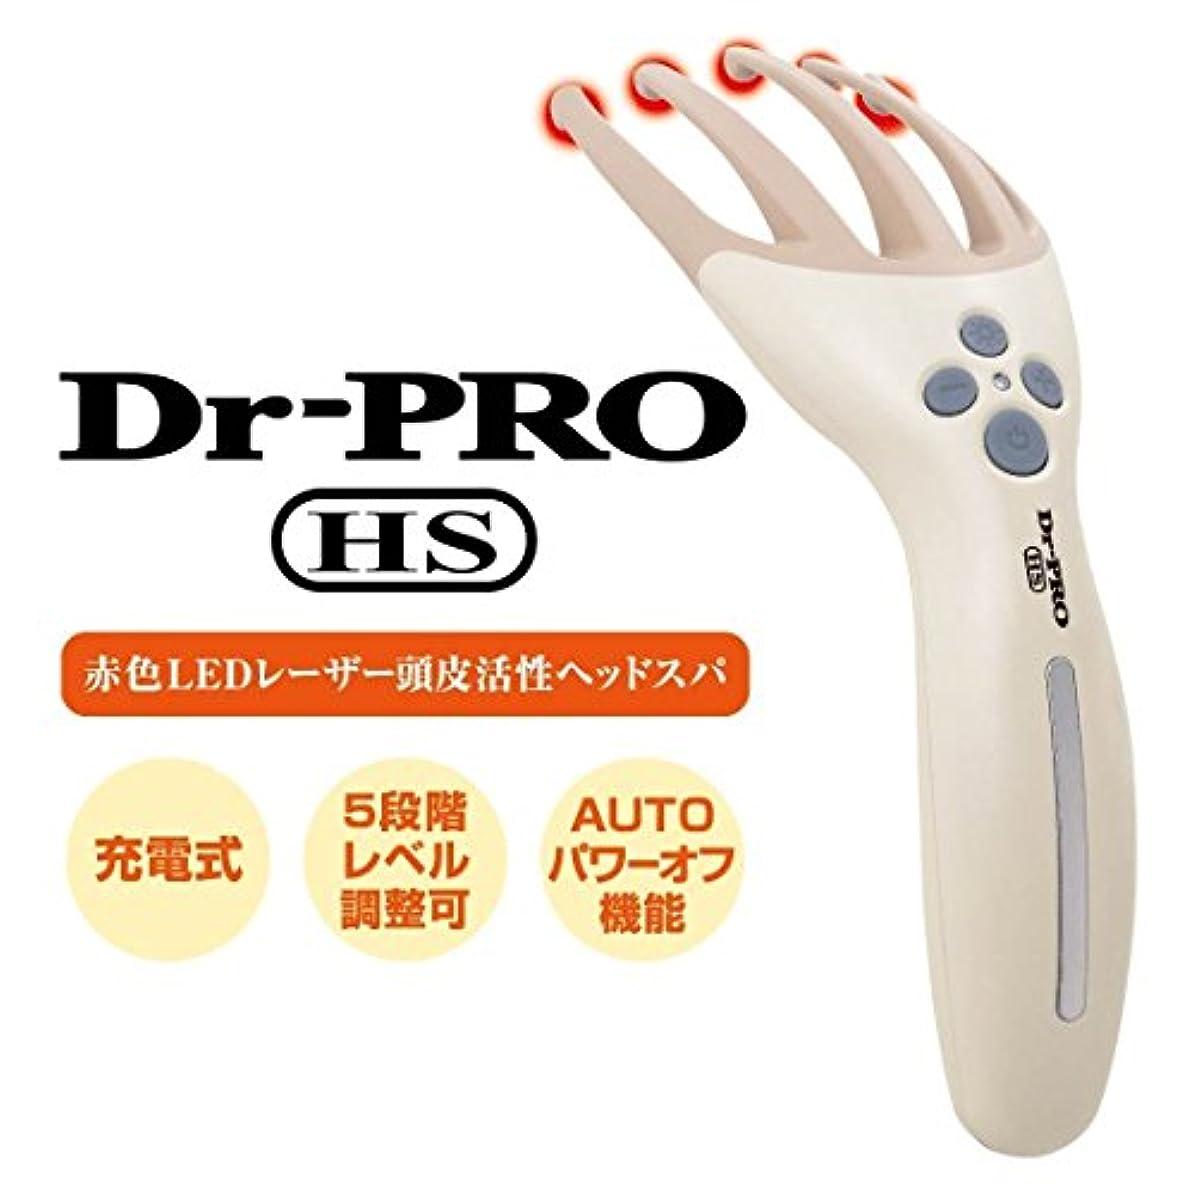 ねじれ側汚れたDr-PRO HS(ドクタープロ ヘッドスパ)